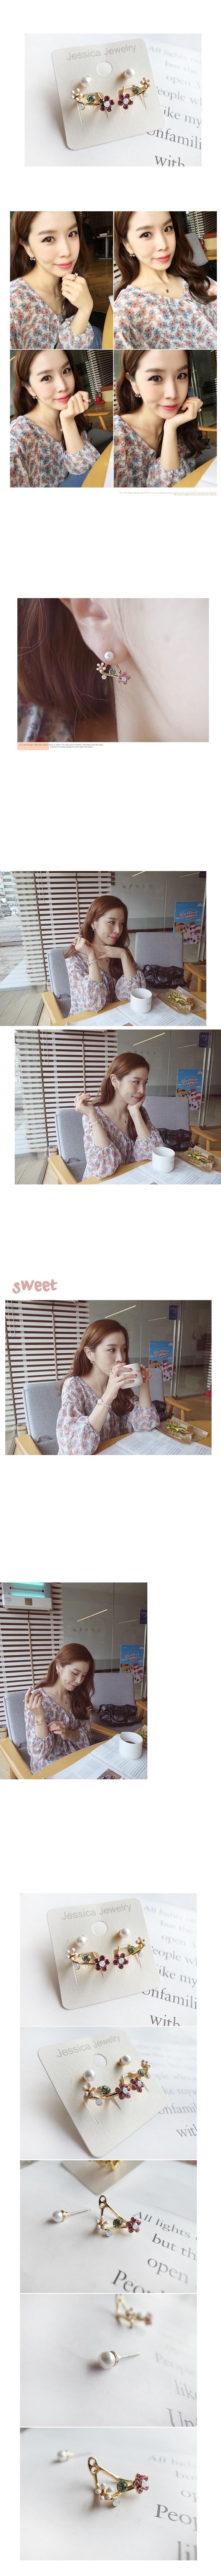 韓國 NaniWorld 珍珠風花園耳環 #3559